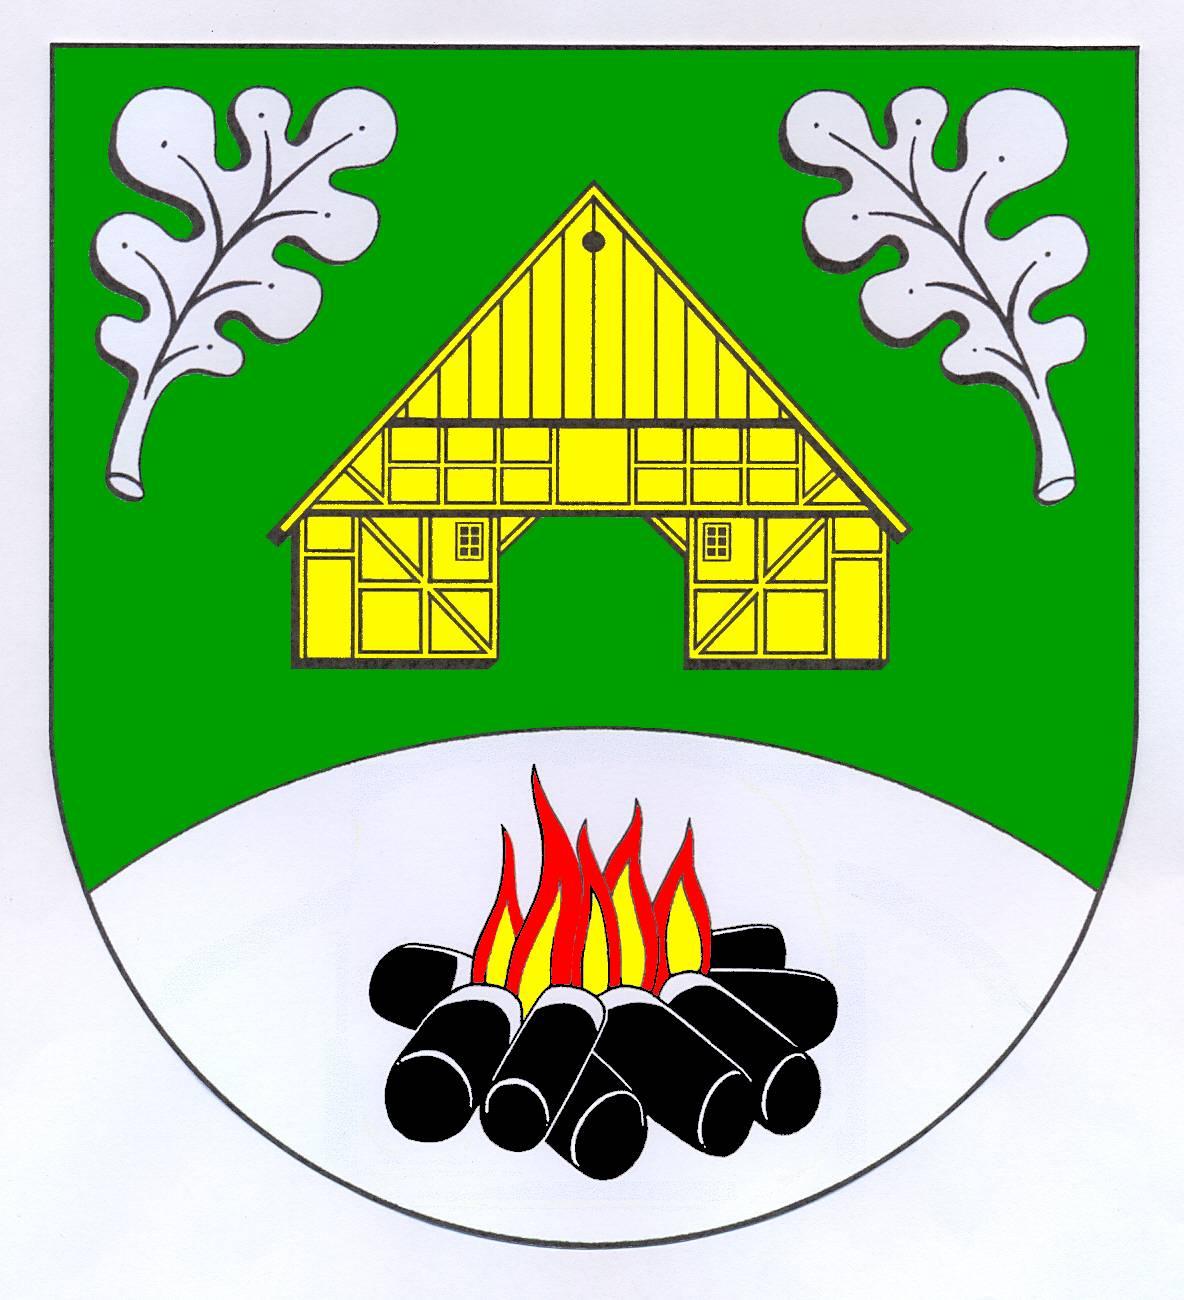 Wappen GemeindeTüttendorf, Kreis Rendsburg-Eckernförde